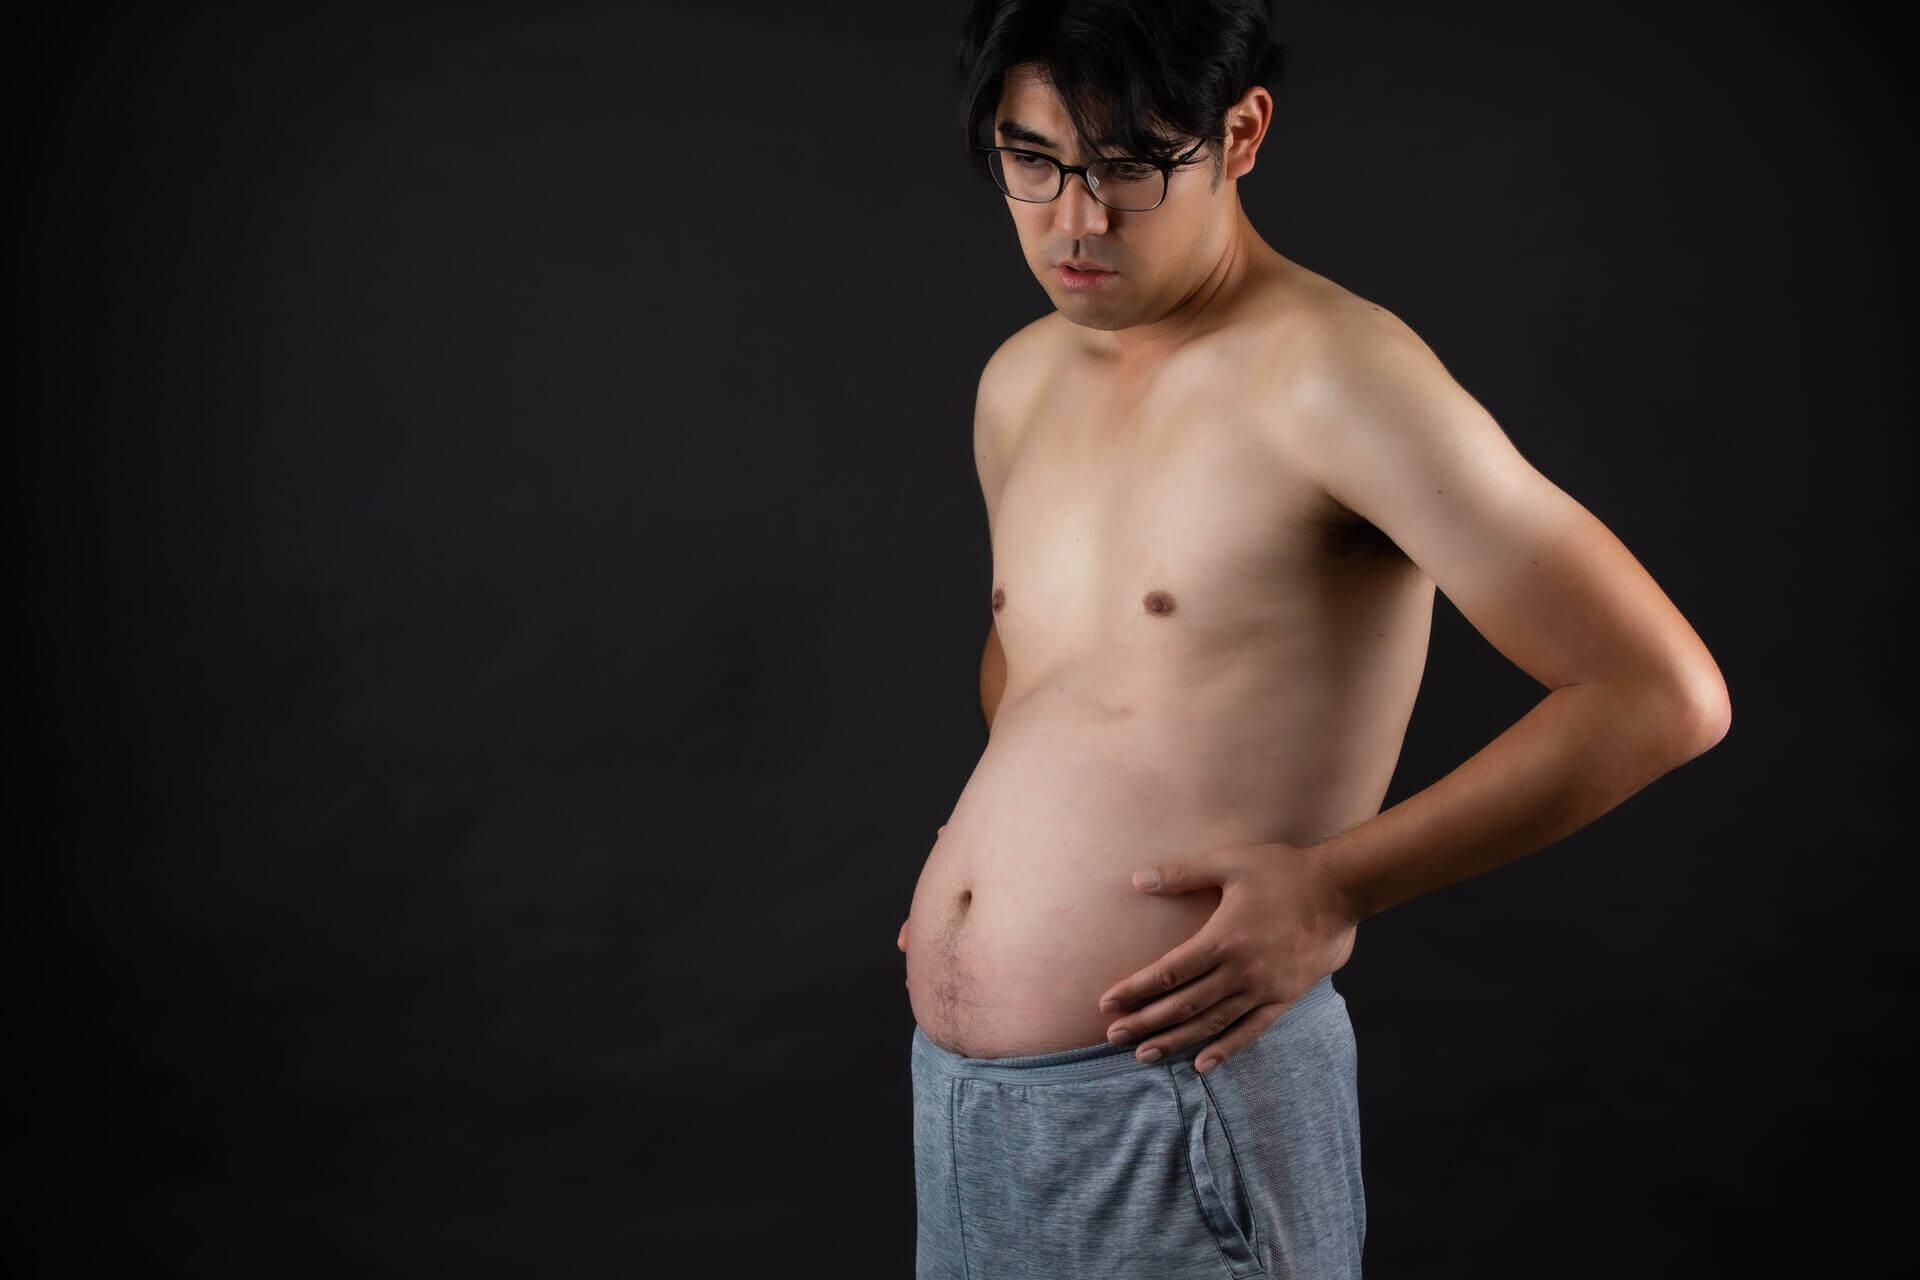 Falso(a) magro? A dieta carnívora e mudanças no estilo de vida podem ajudar